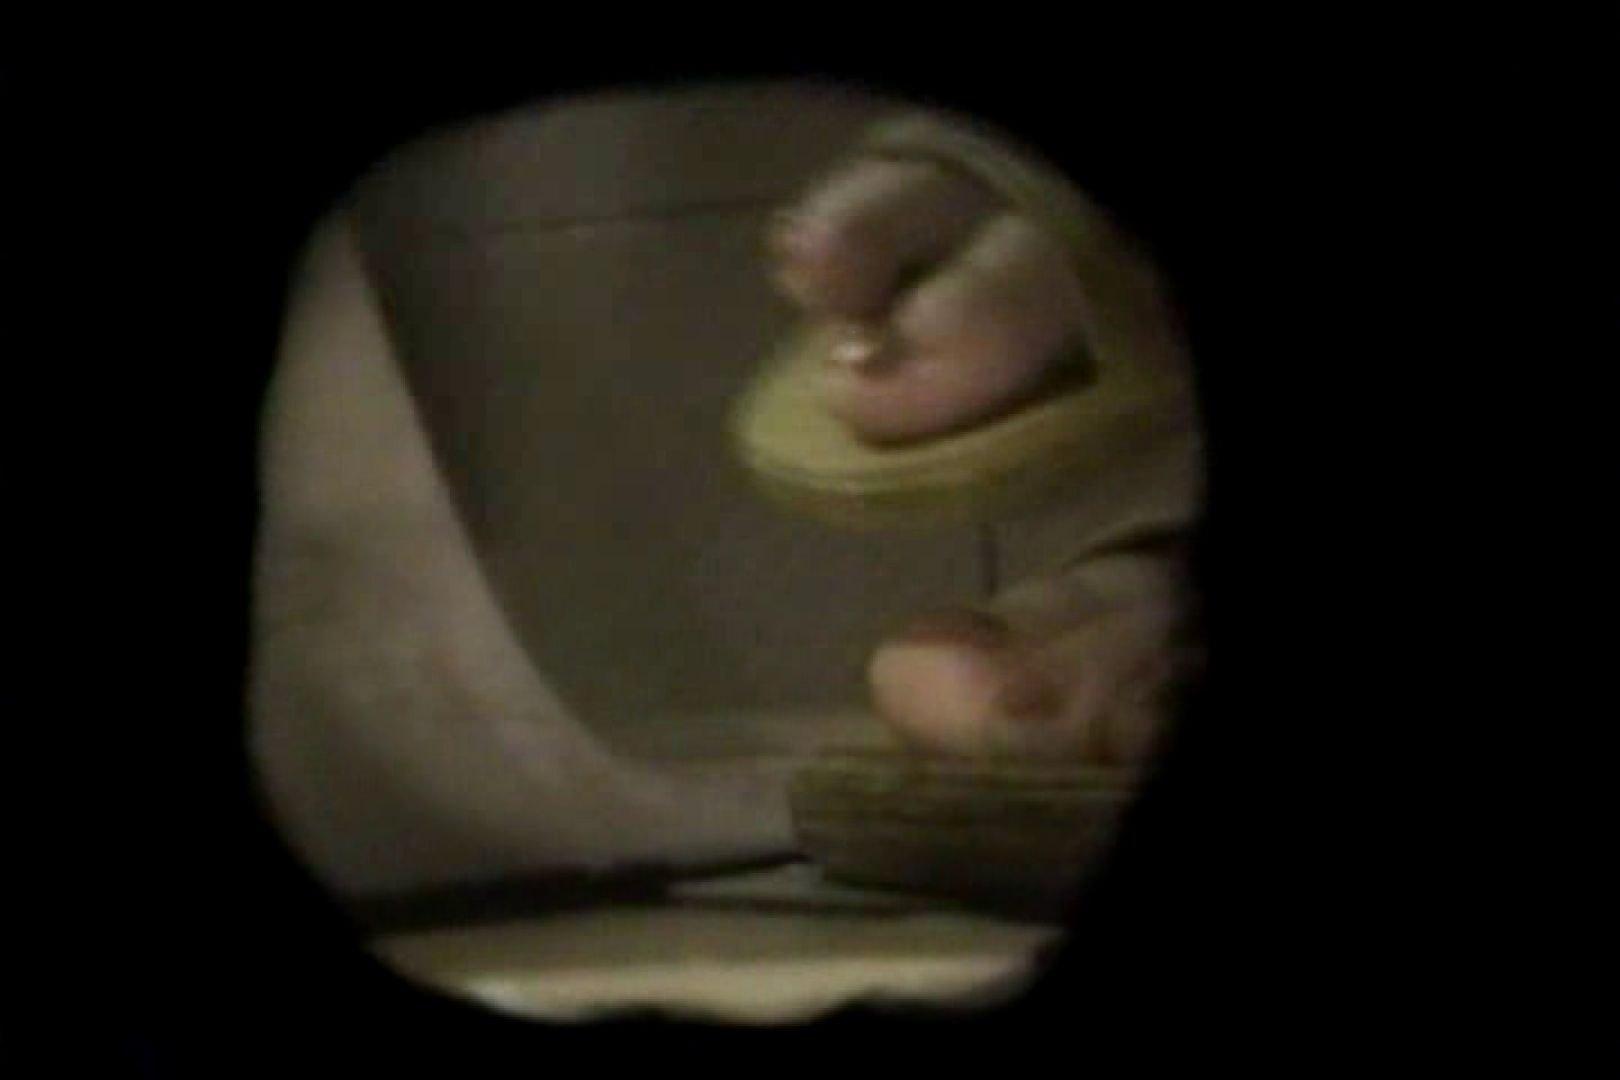 盗撮 女子洗面所3ヶ所入ってしゃがんで音出して 洗面所 オマンコ無修正動画無料 109連発 63